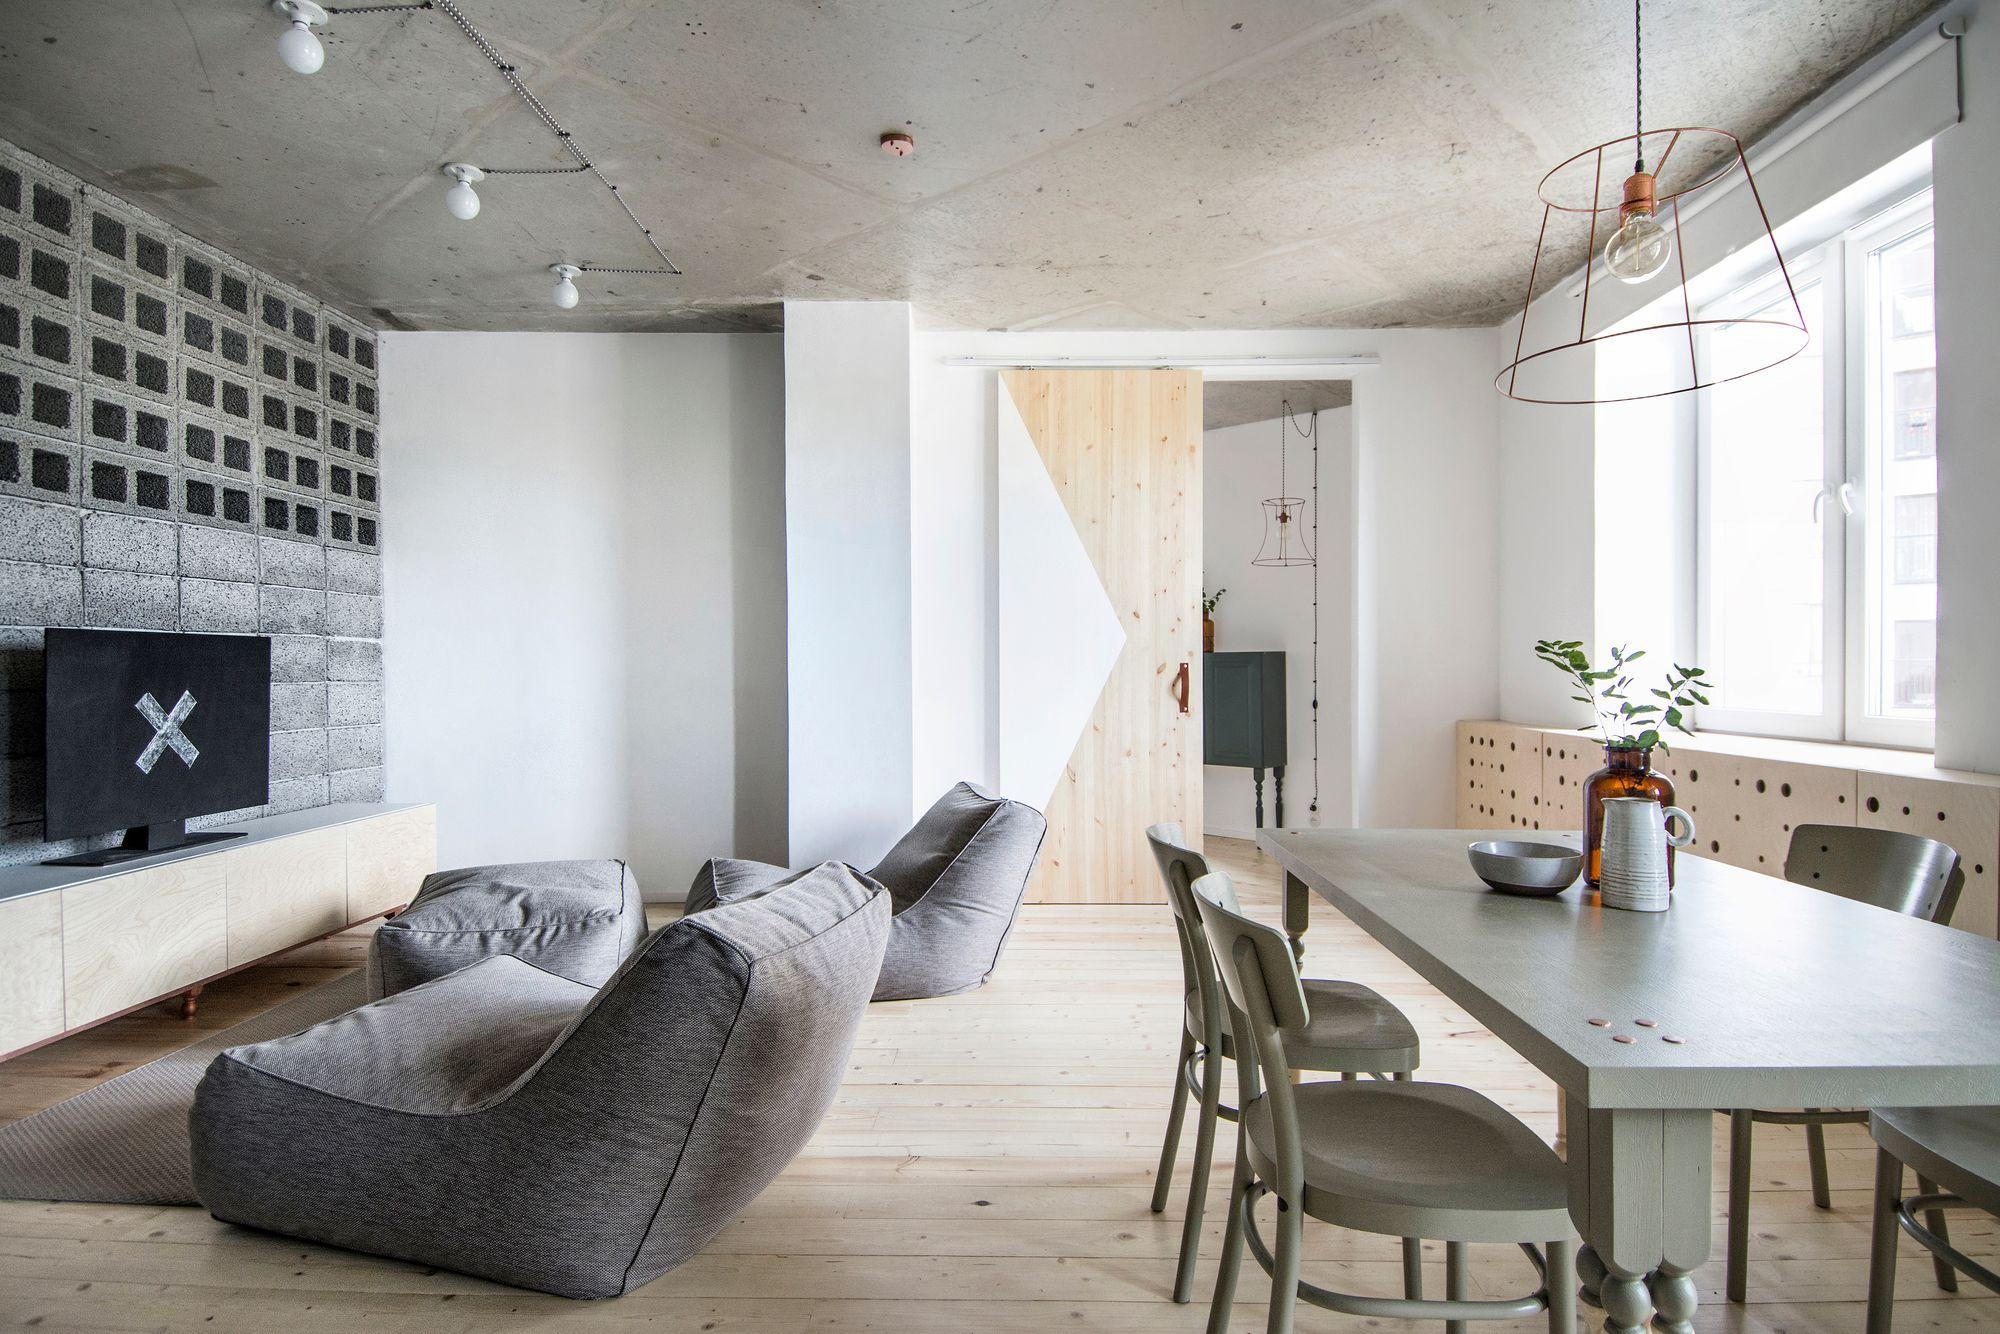 Бескаркасная мебель в минималистском интерьере